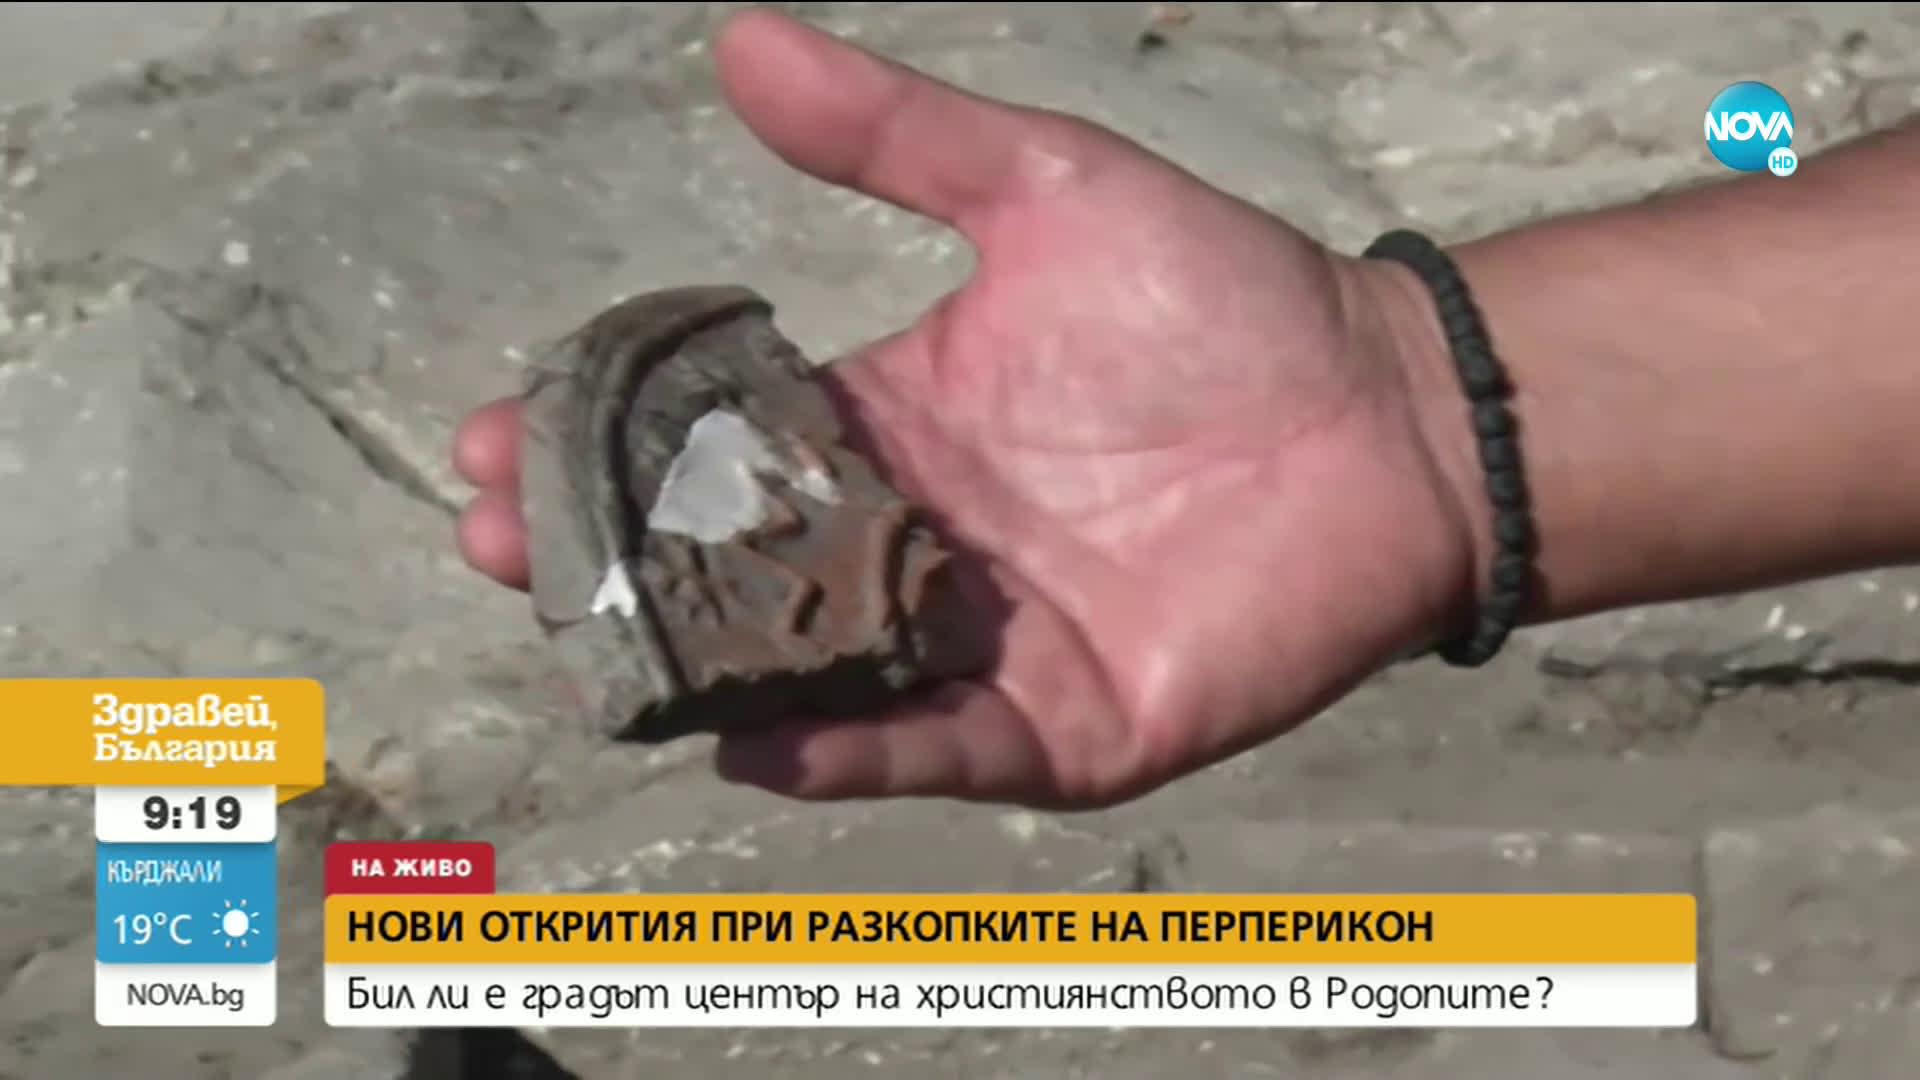 Нови открития при разкопките на Перперикон